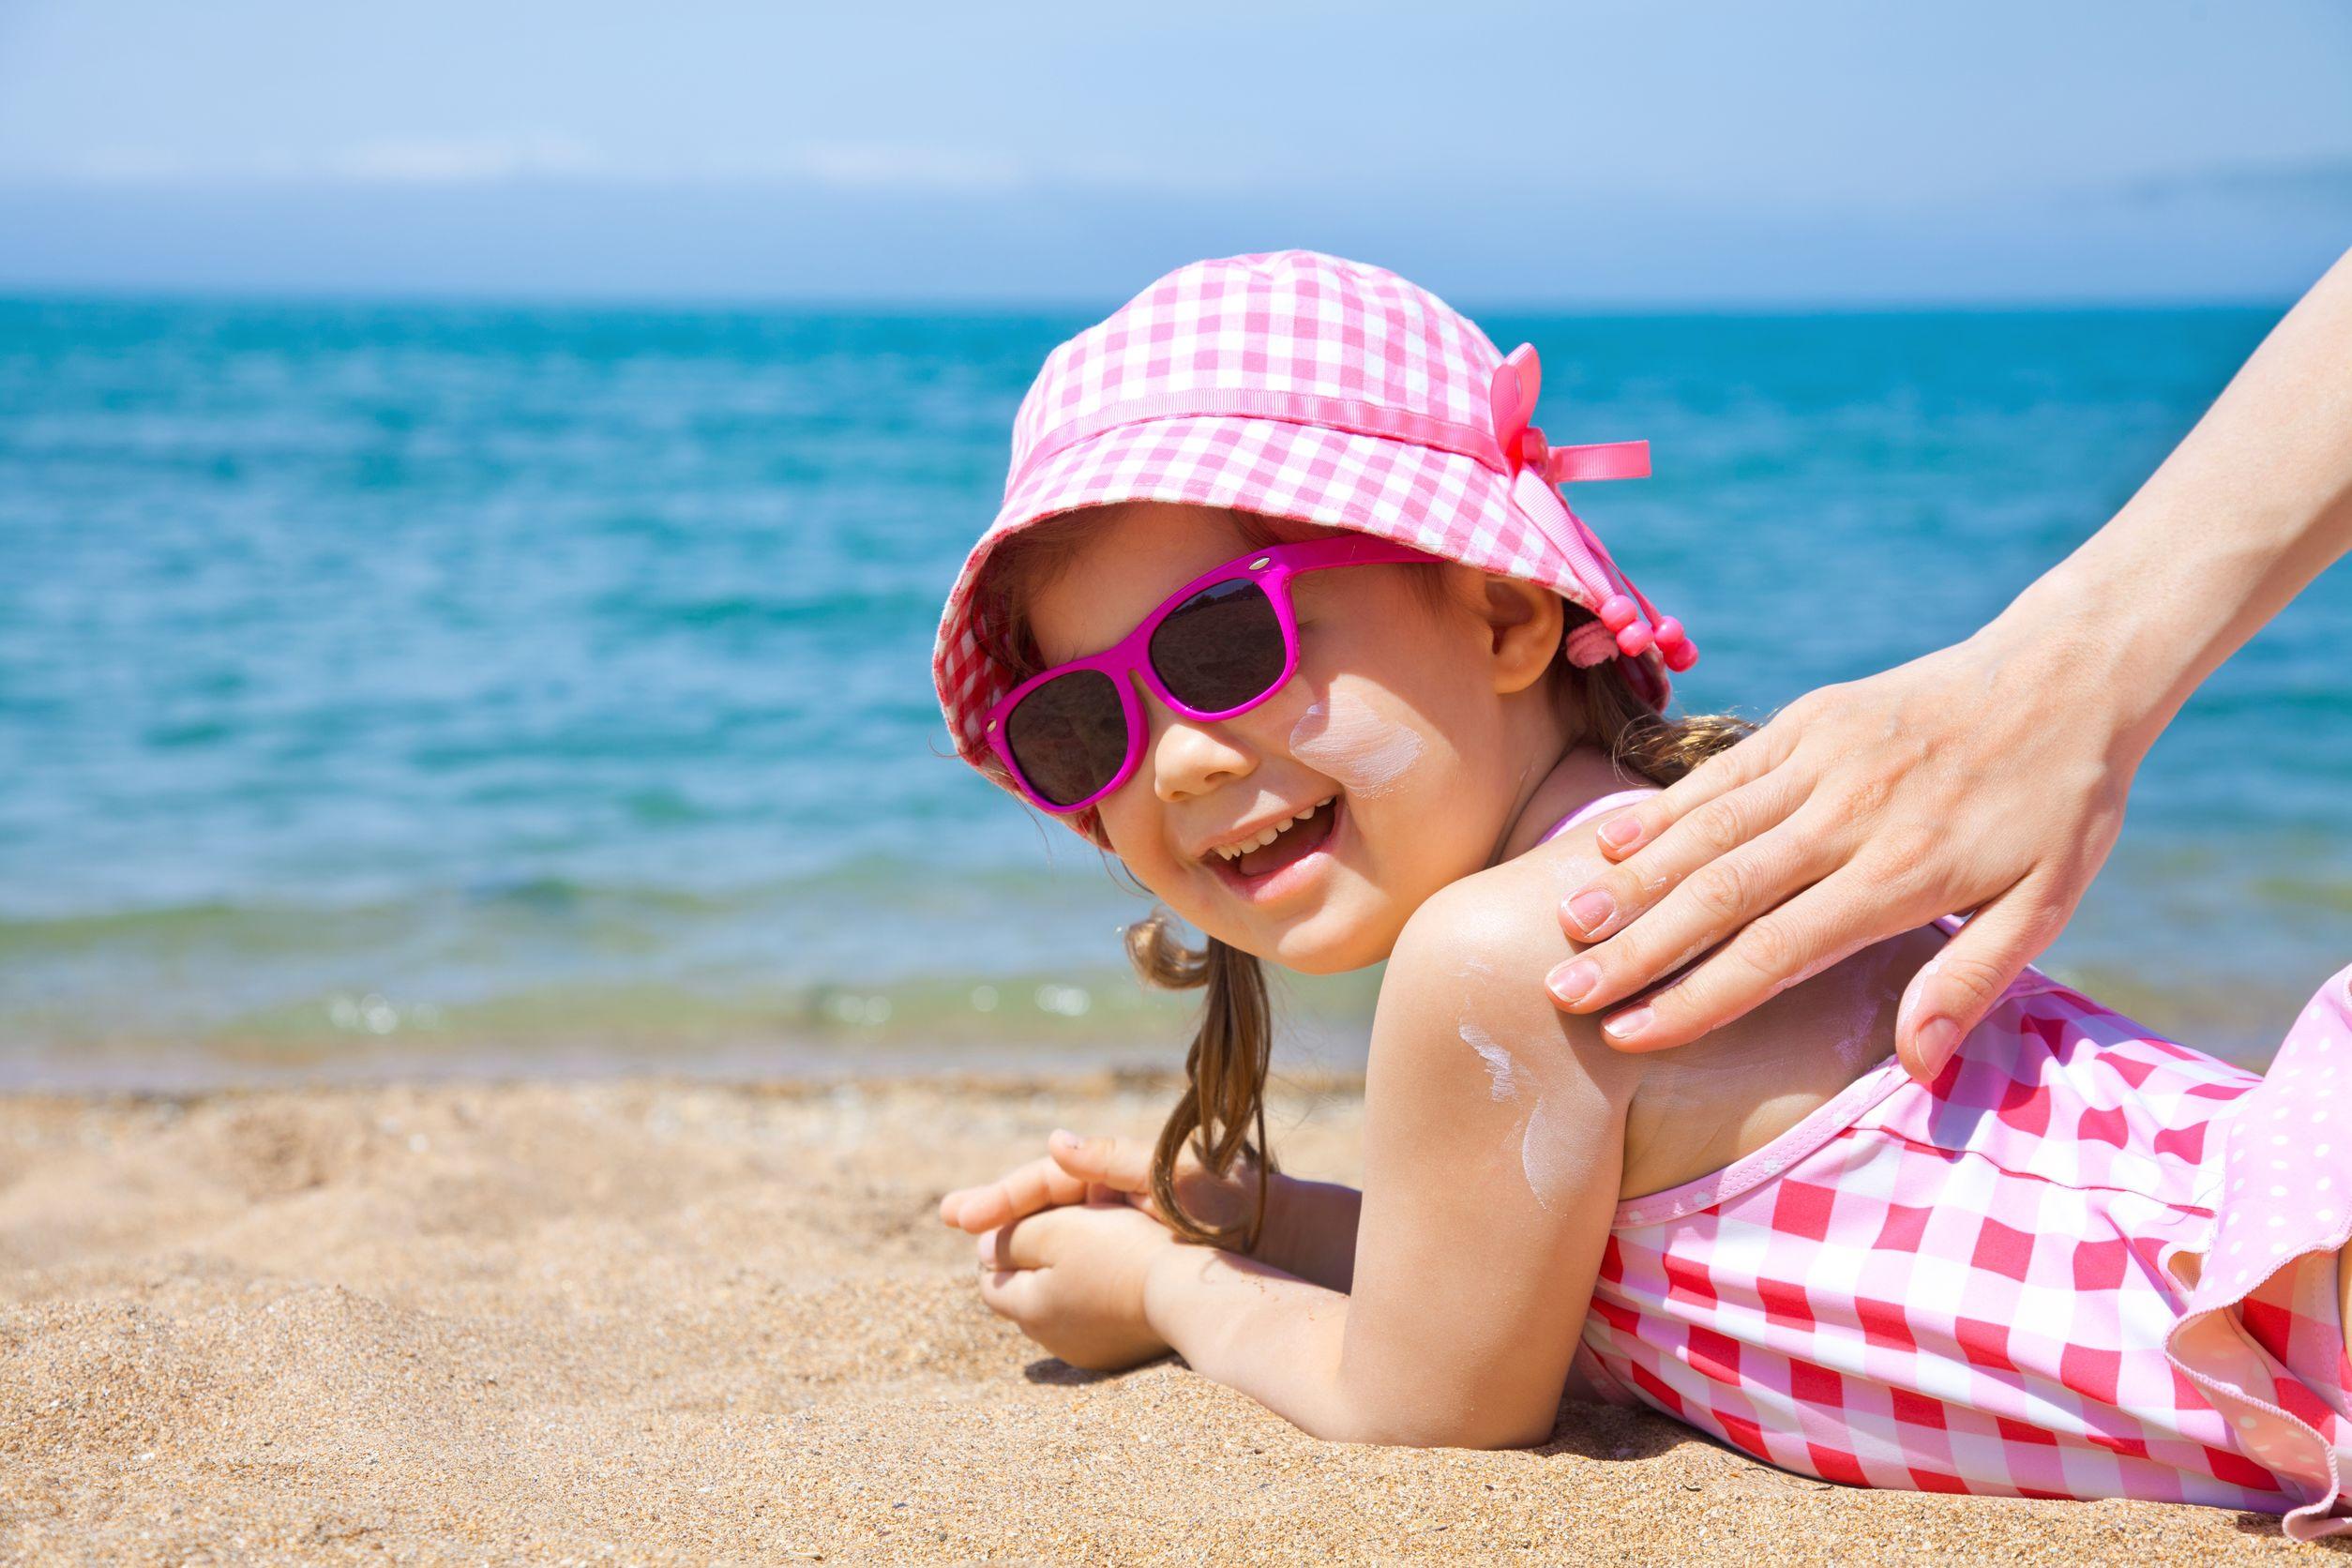 Menina pequena vestida com um maio rosa, óculos de sol e chapéu de praia, a beira mar, com a mão de um adulto passando protetor nas suas costas.